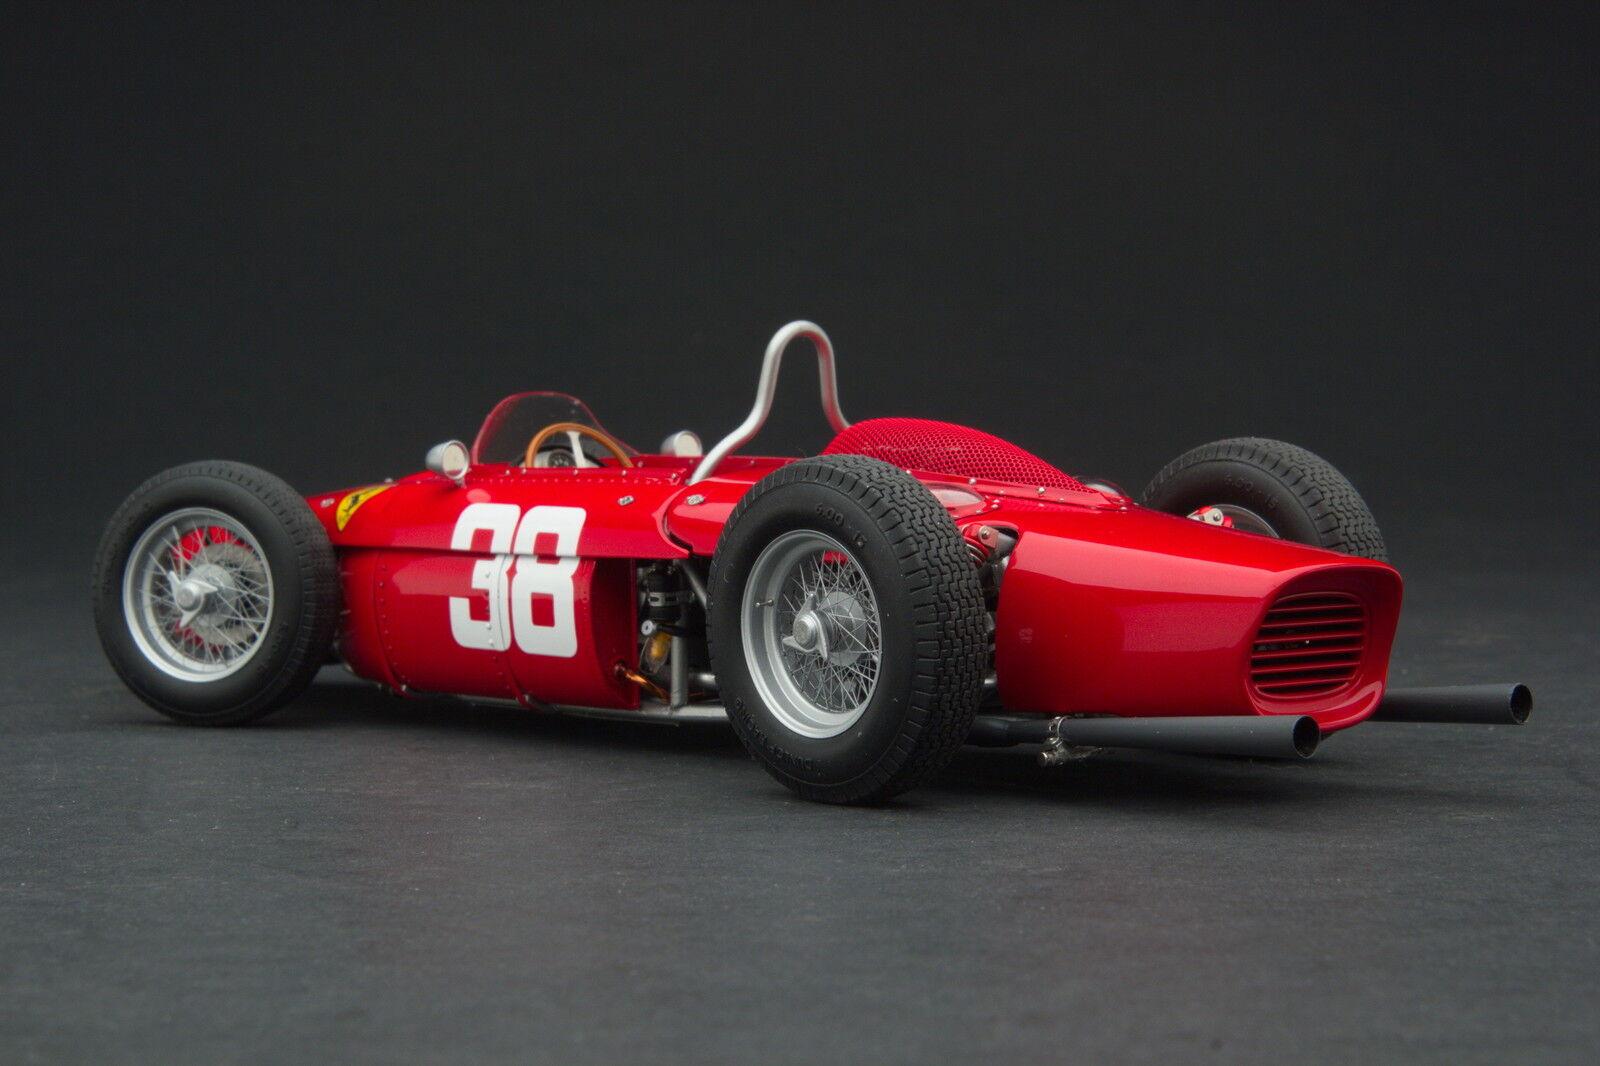 alta calidad Exoto XS | 1:18 1:18 1:18 | 1961 Ferrari Dino 15665 larga nariz | Phil Hill | GP de Mónaco  promociones